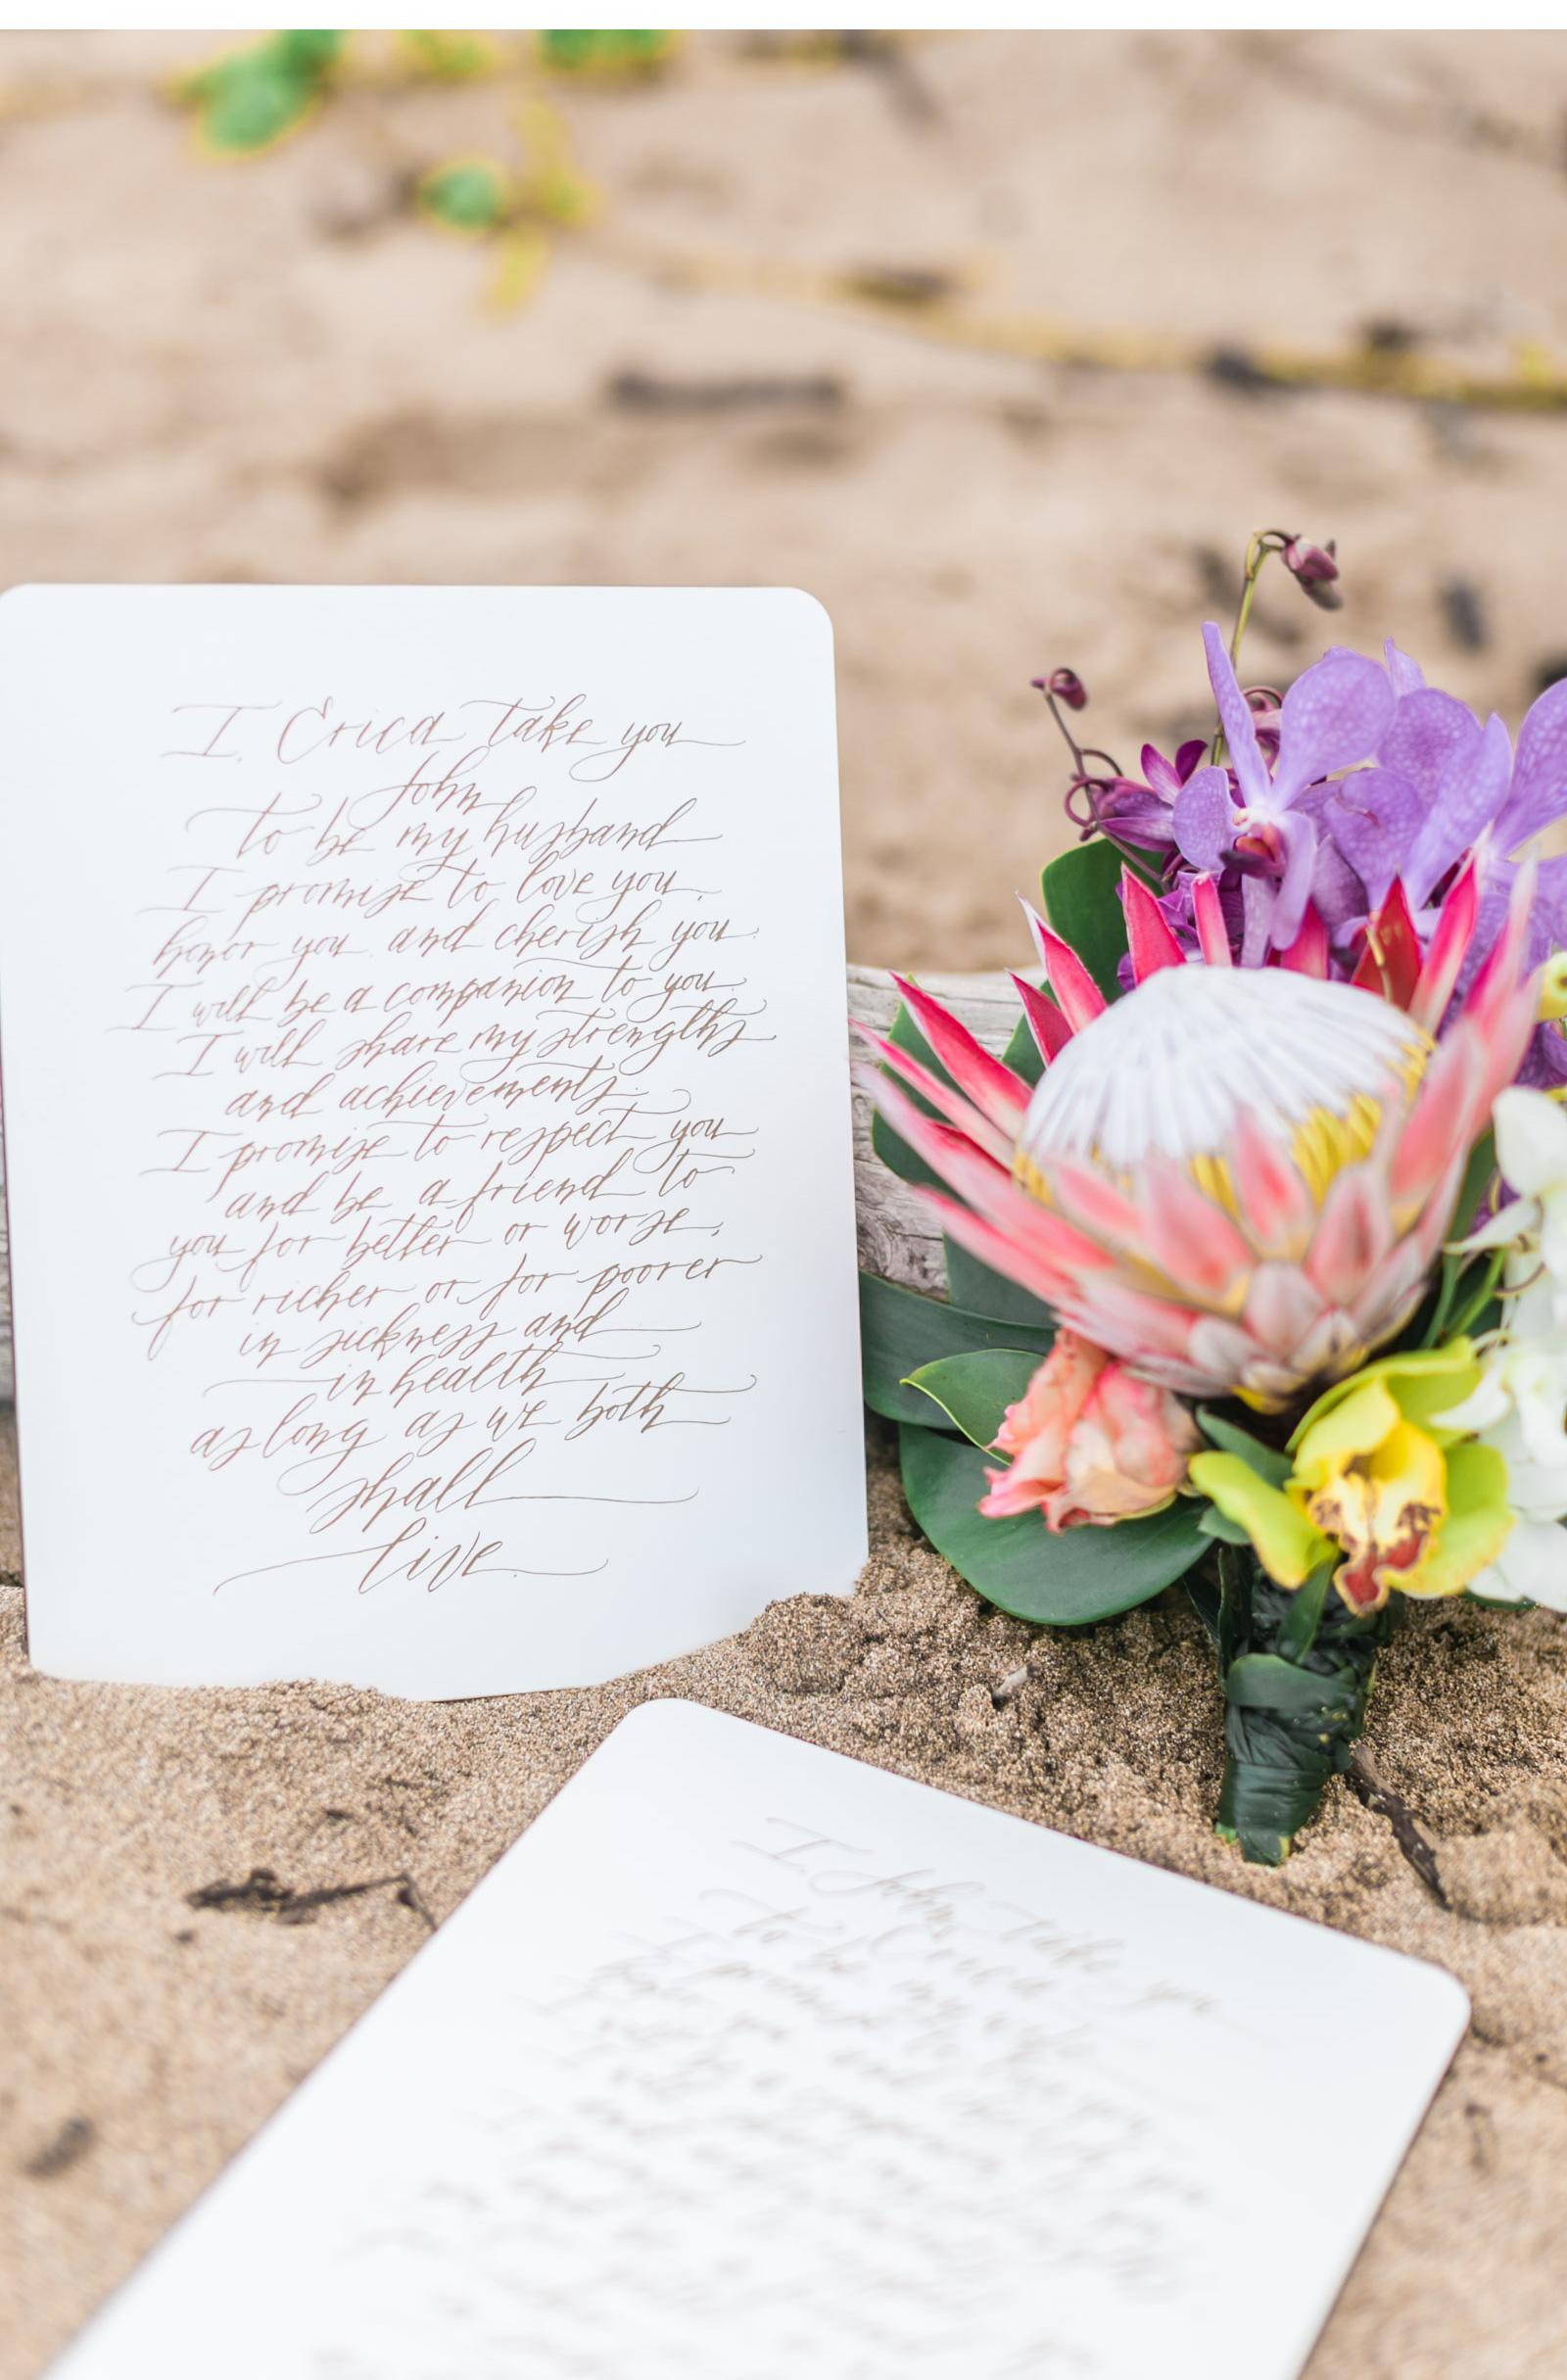 Natalie-Schutt-Photography--Maui-Green-Wedding-Shoes_04.jpg